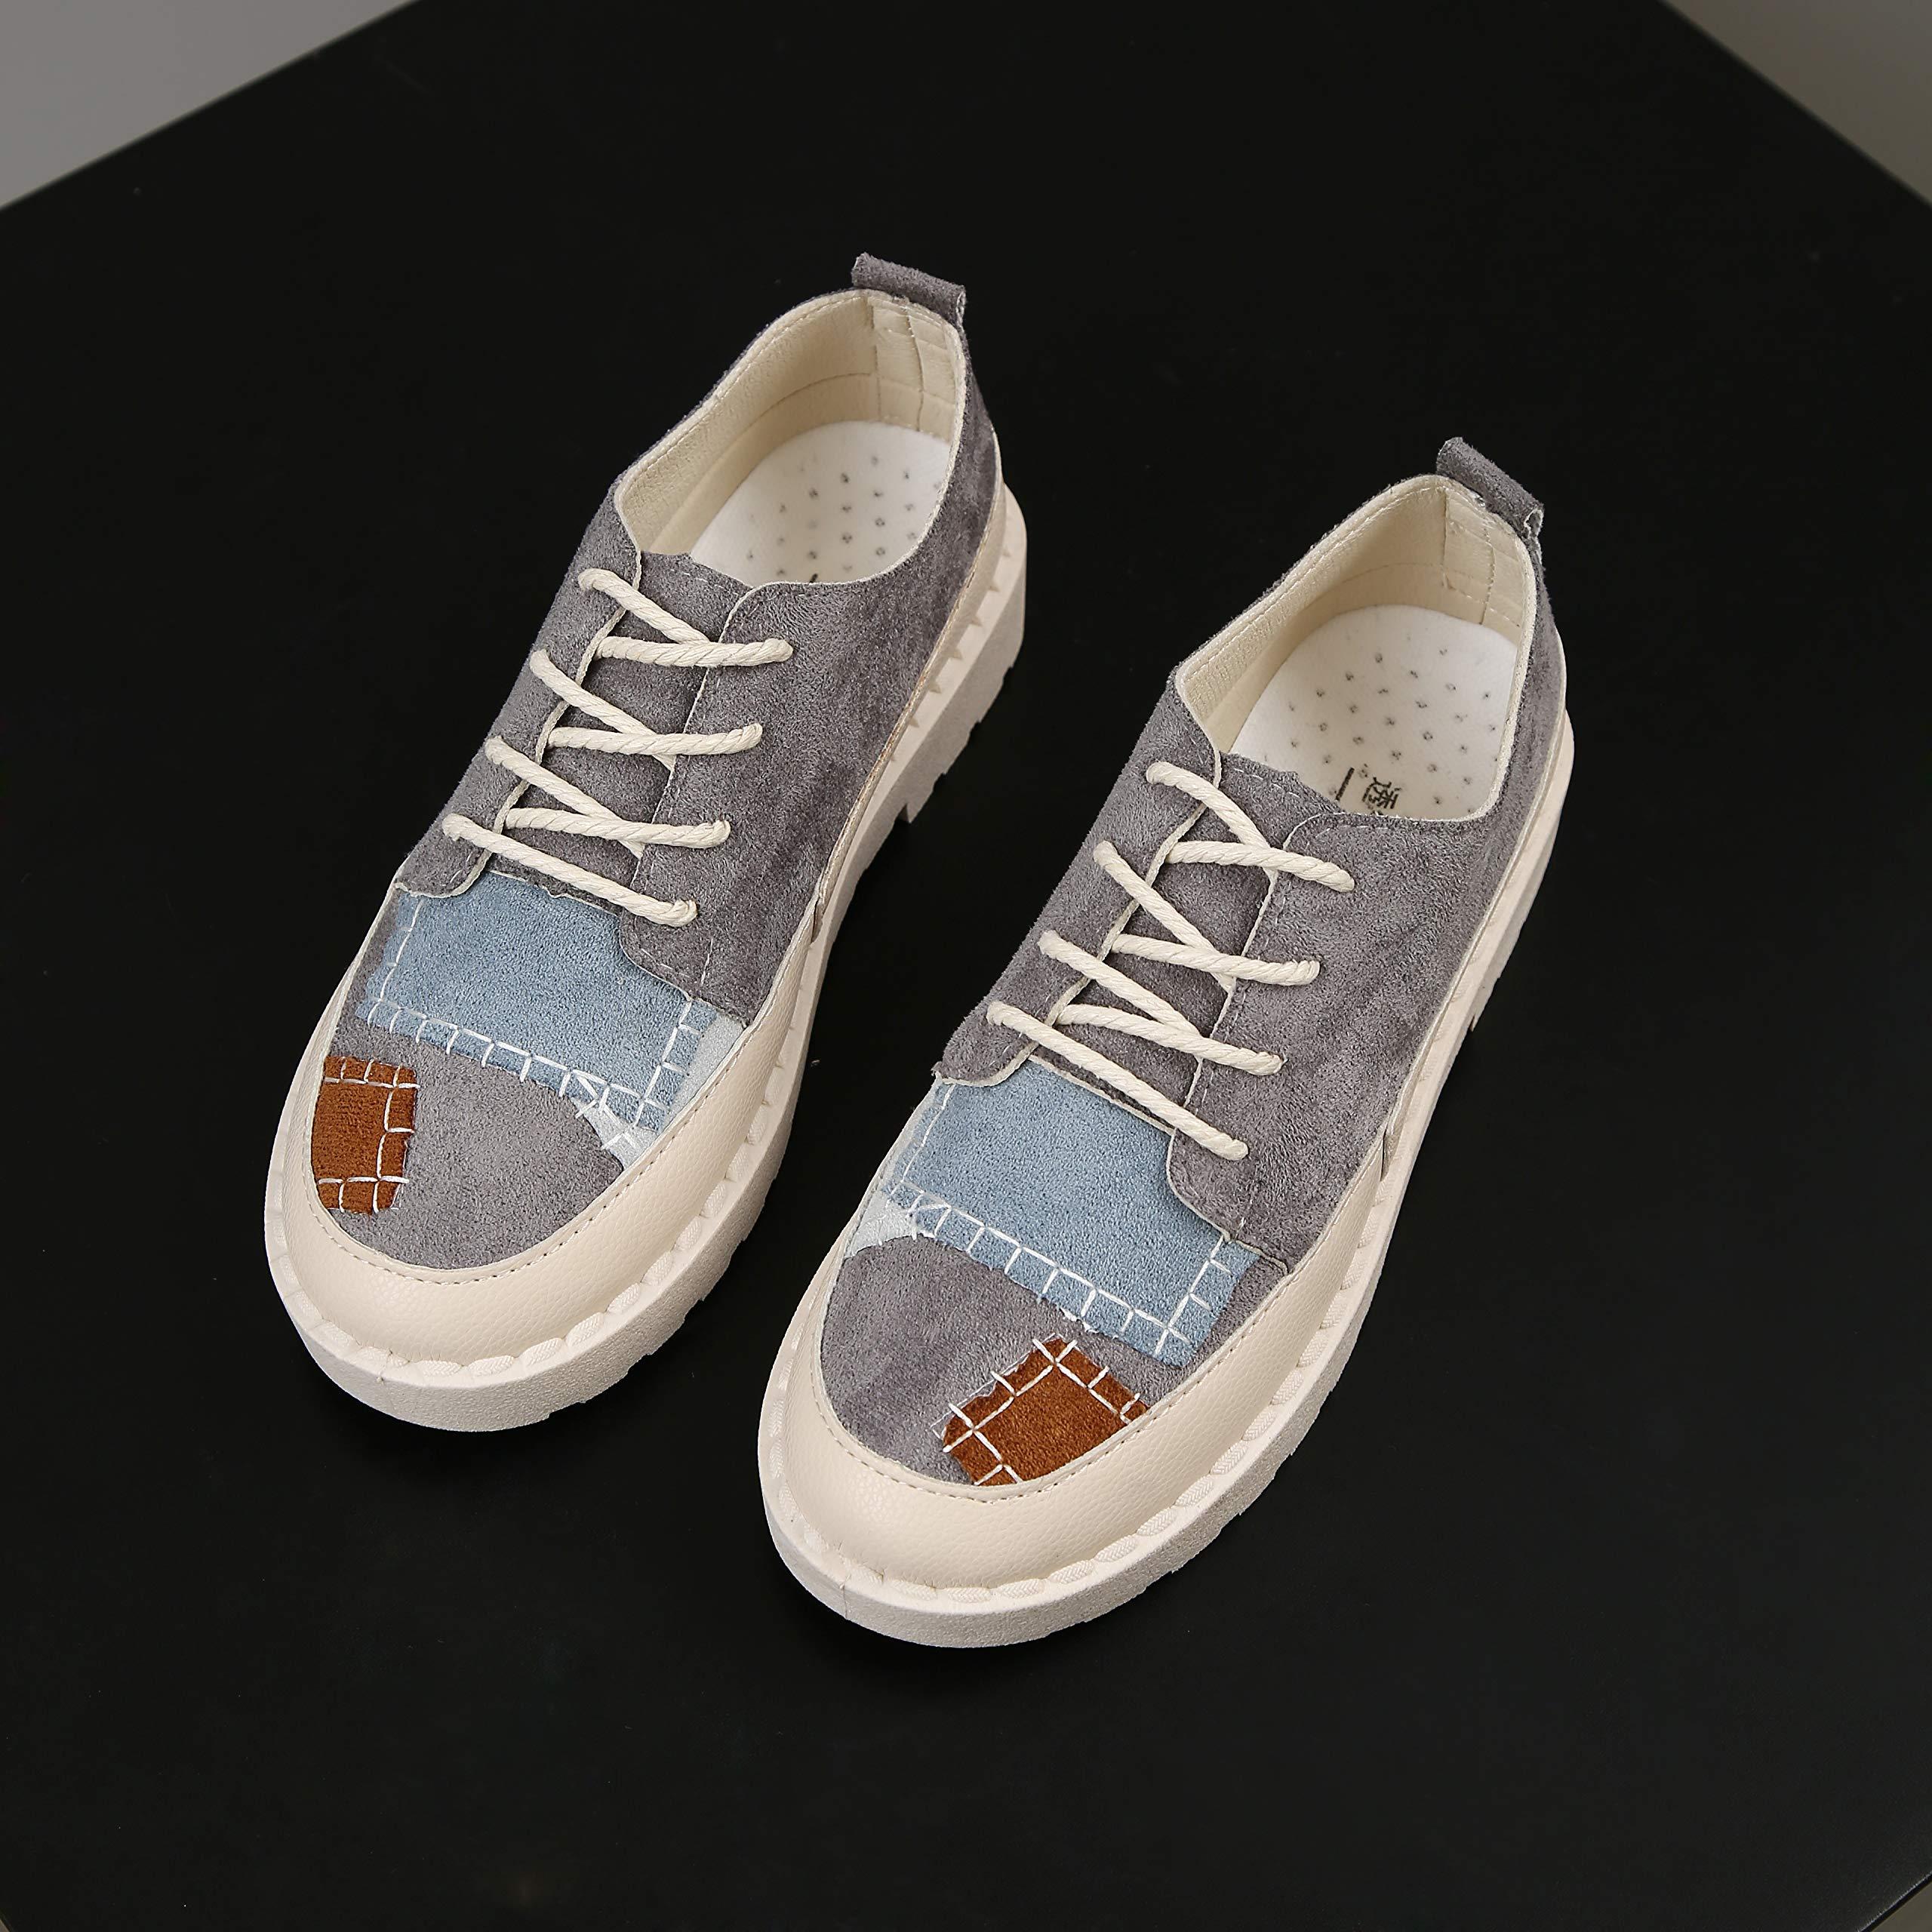 春と夏の爆発キャンバスシューズカジュアルシューズの靴赤いストリートショットの女性の靴VOCANU TRE英国ブランドの非輸入品を助けるために低い乞丐靴